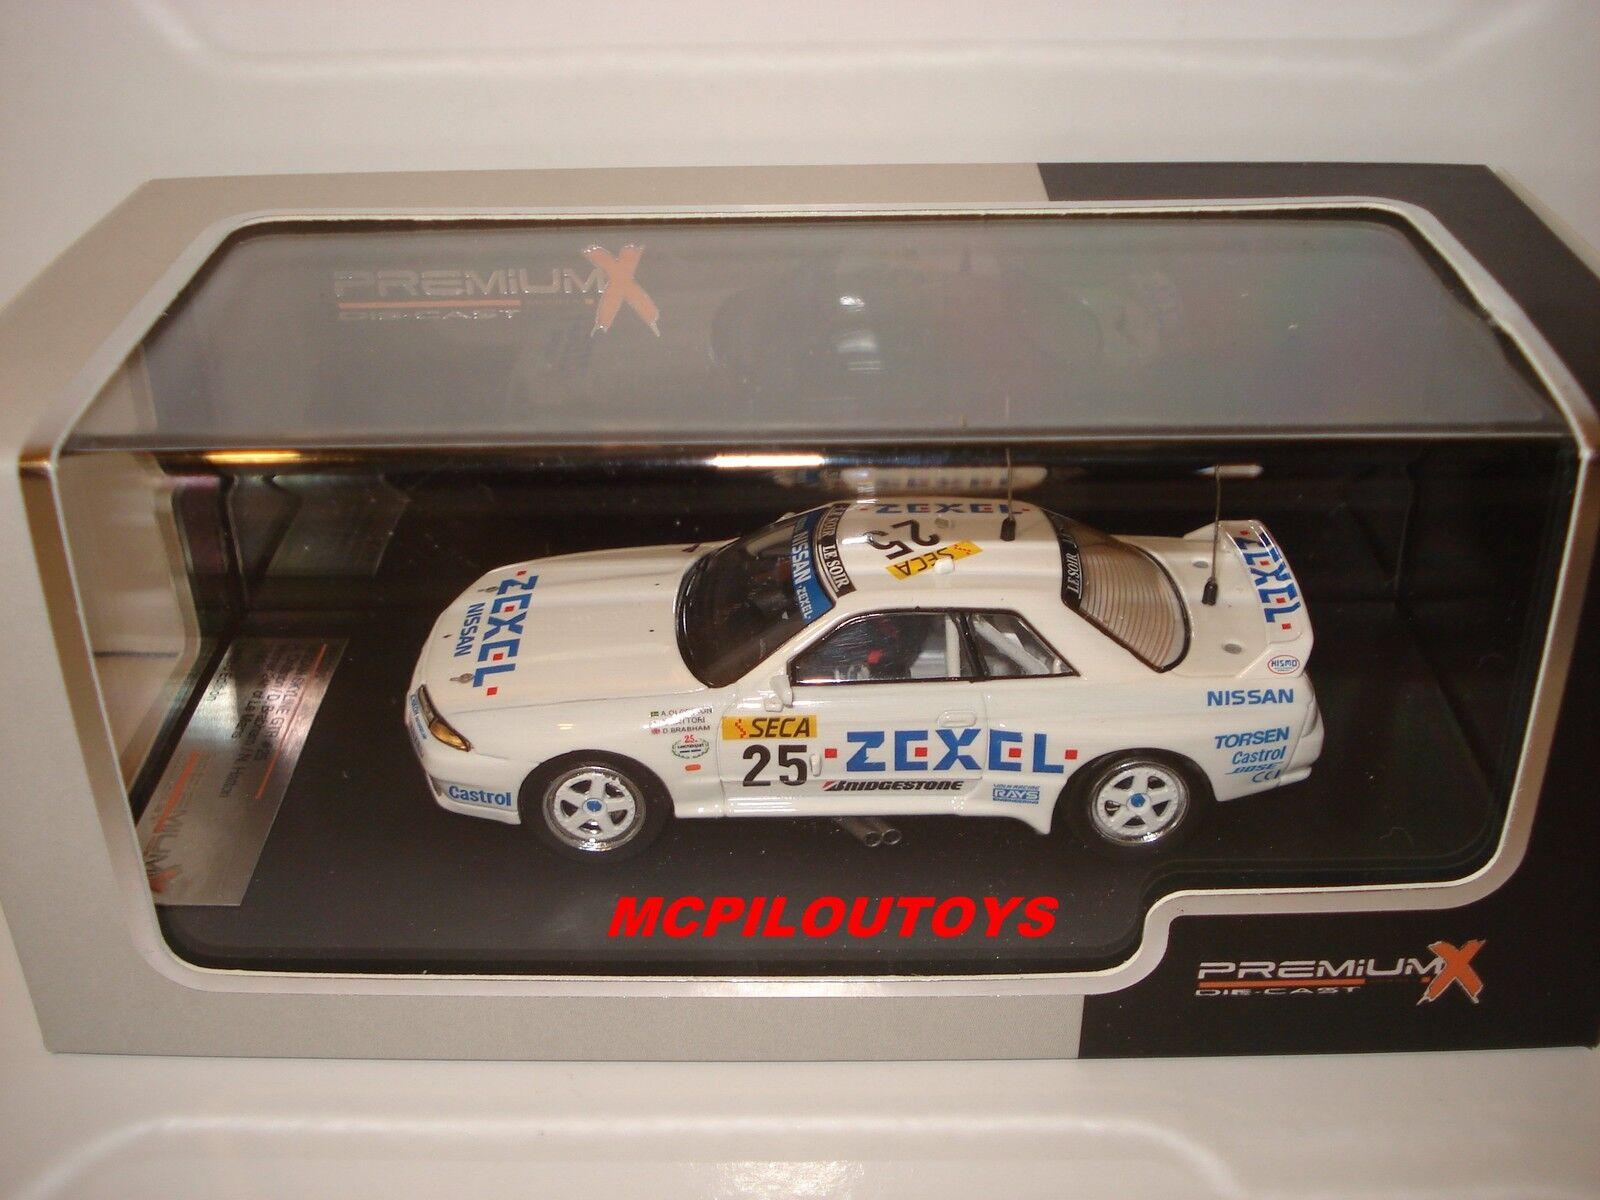 Premium-x PRD336 nissan skyline R32 GTR-n°25 winner 24H Wellness 1991 au 1 43°  | Reichlich Und Pünktliche Lieferung